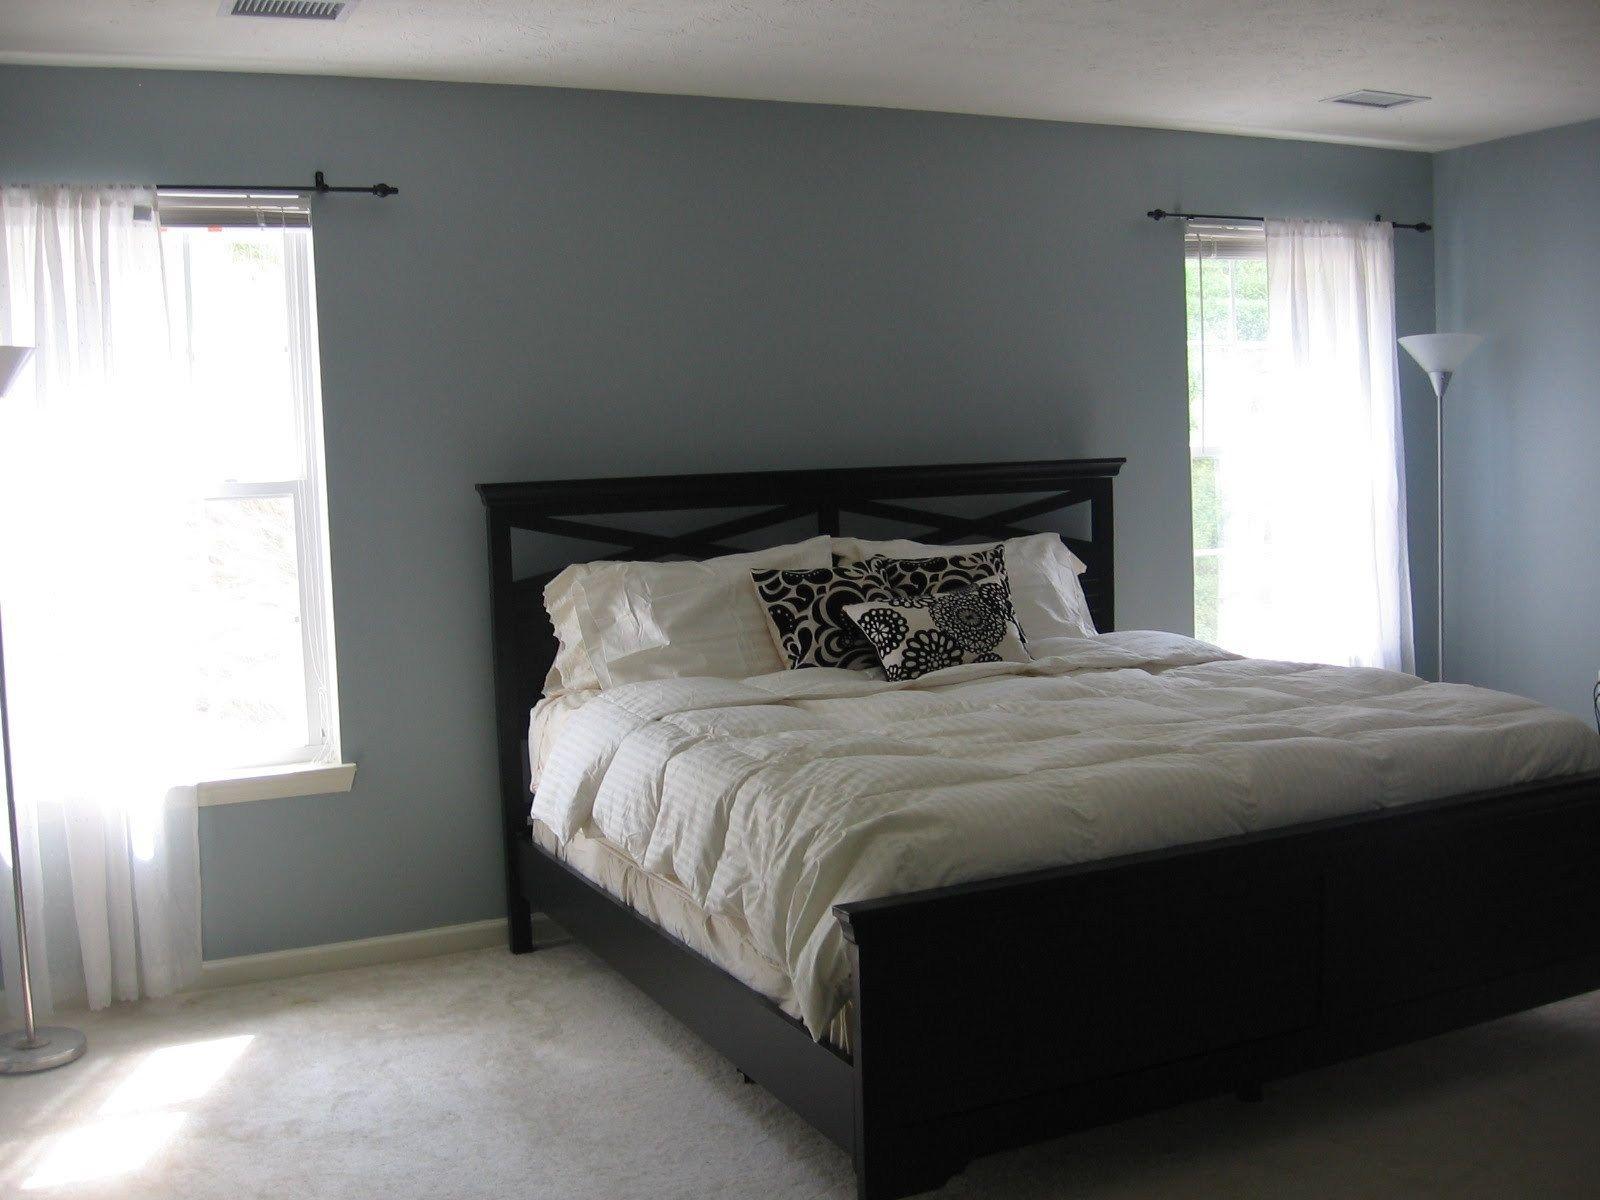 Bestes schlafzimmer schlafzimmer beste graue farbe für kleine schlafzimmer schlafzimmer